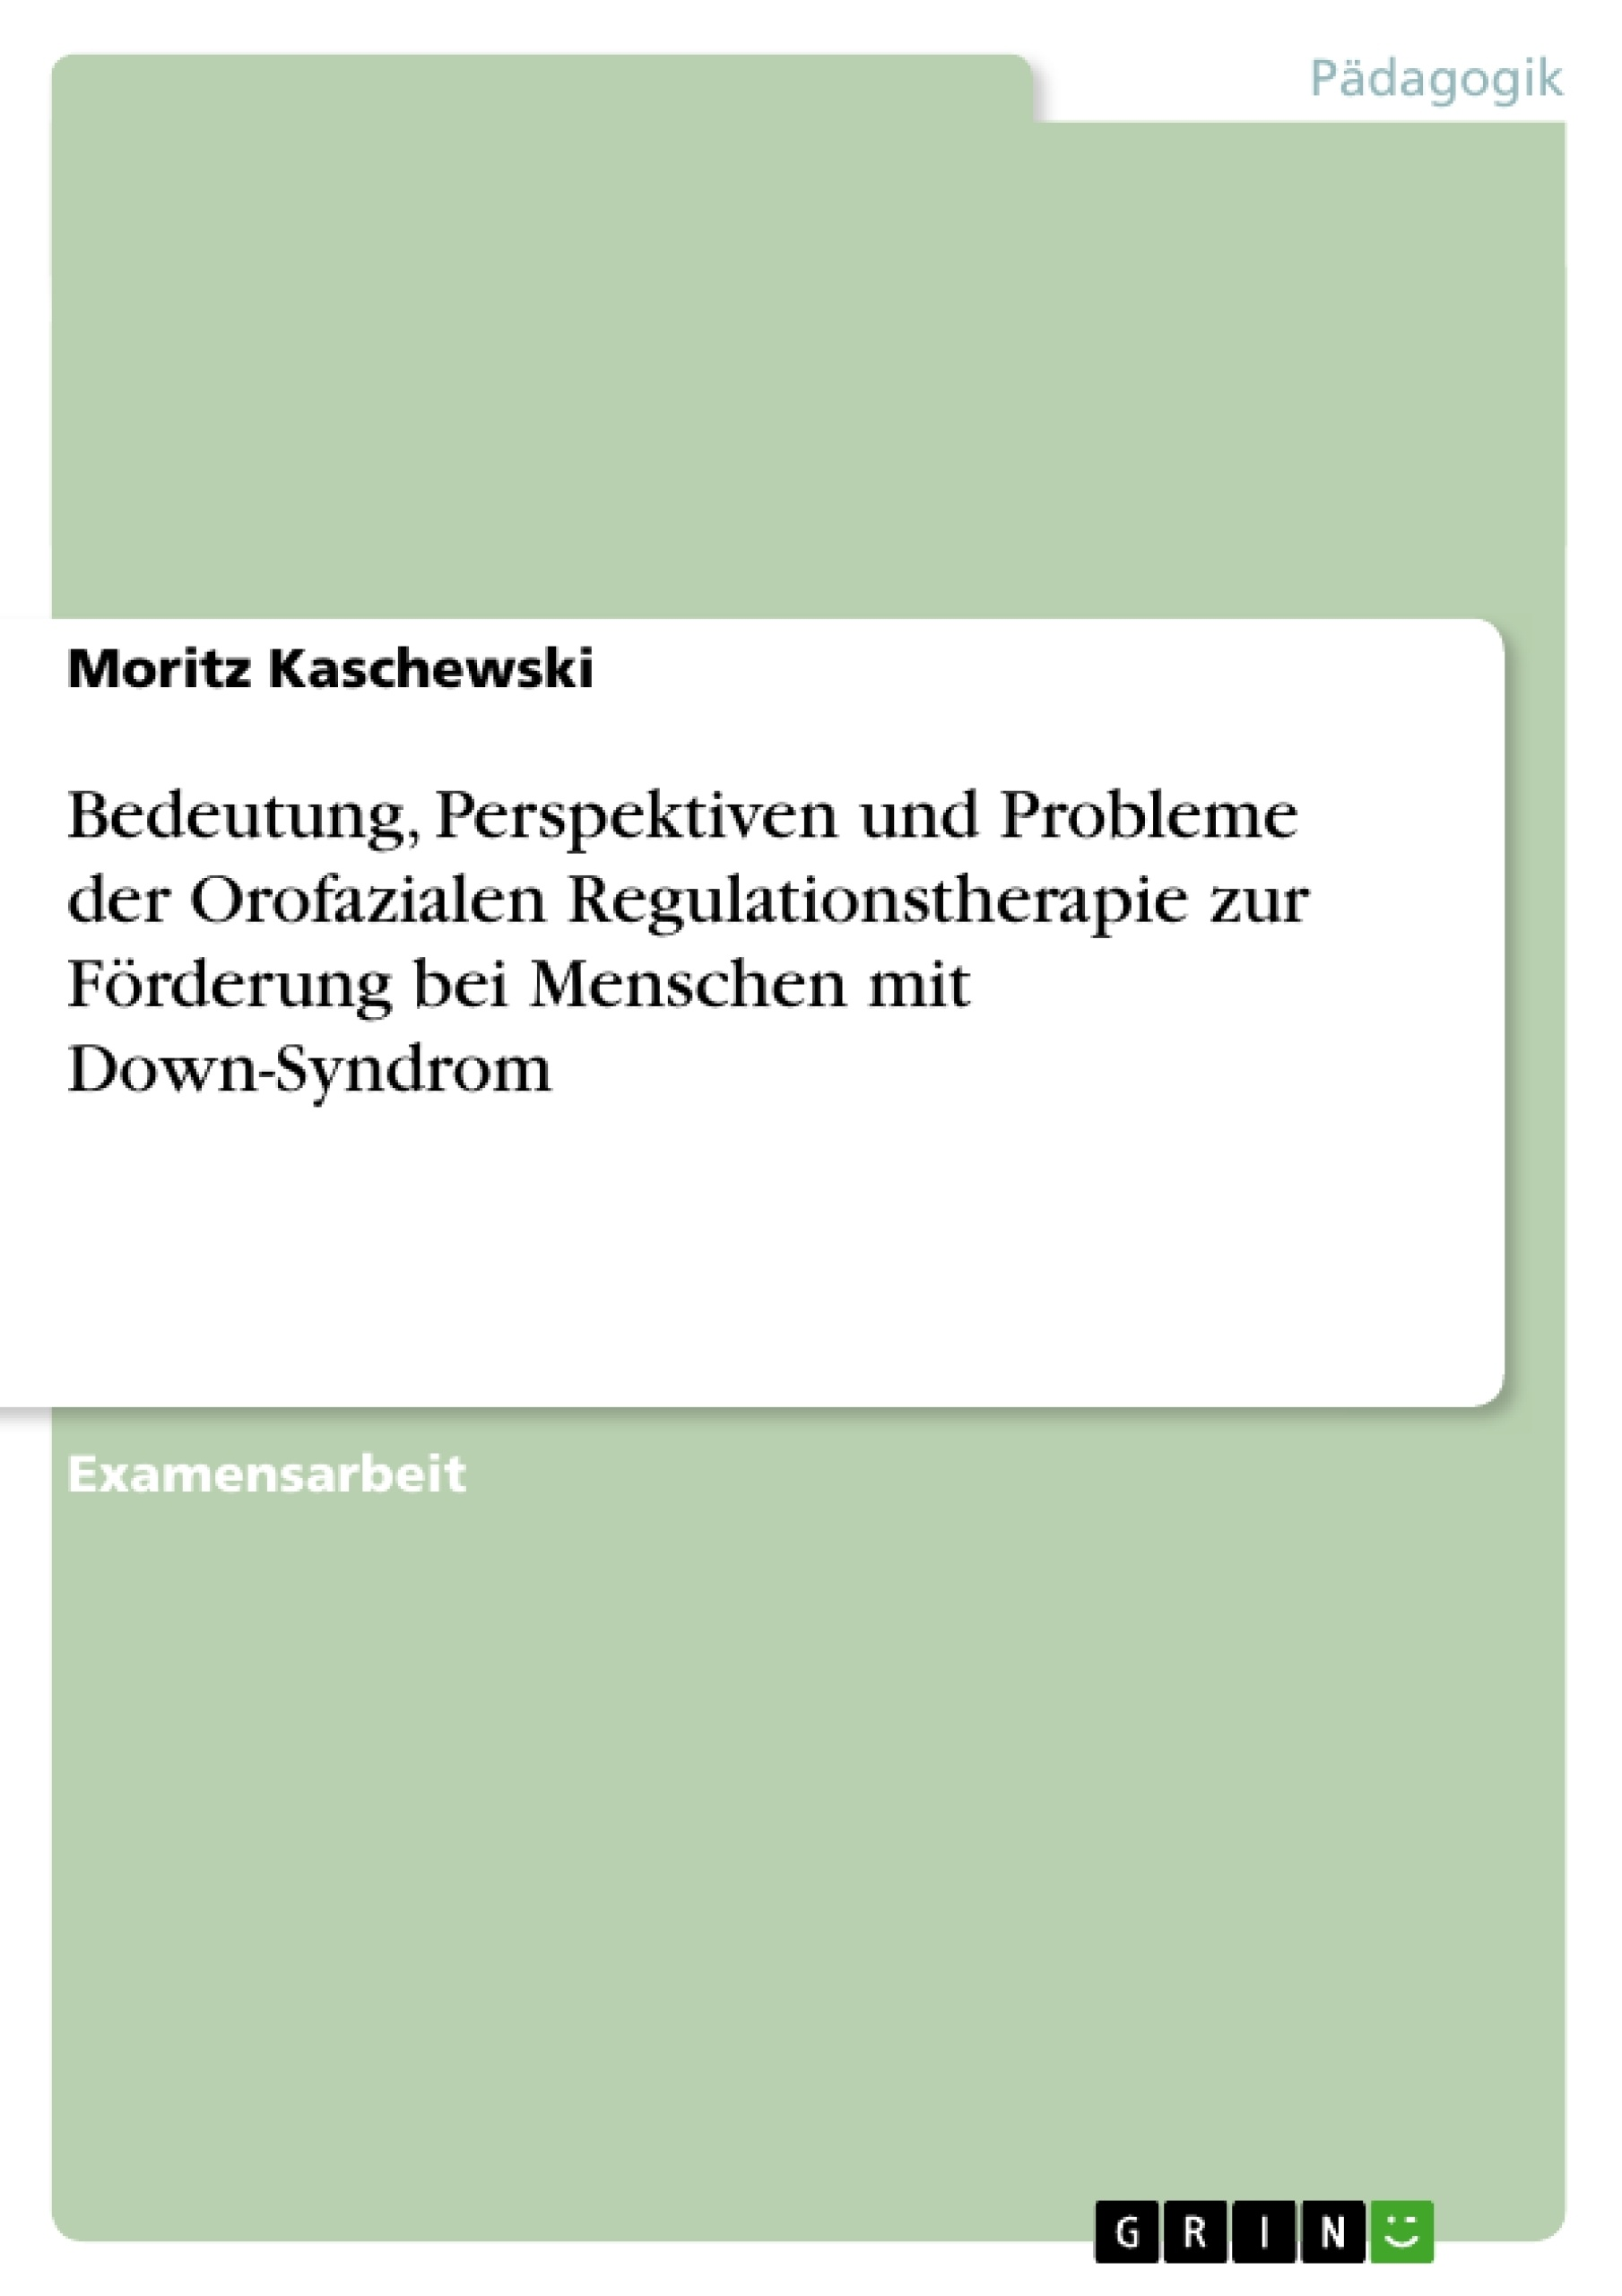 Titel: Bedeutung, Perspektiven und Probleme der Orofazialen Regulationstherapie zur Förderung bei Menschen mit Down-Syndrom